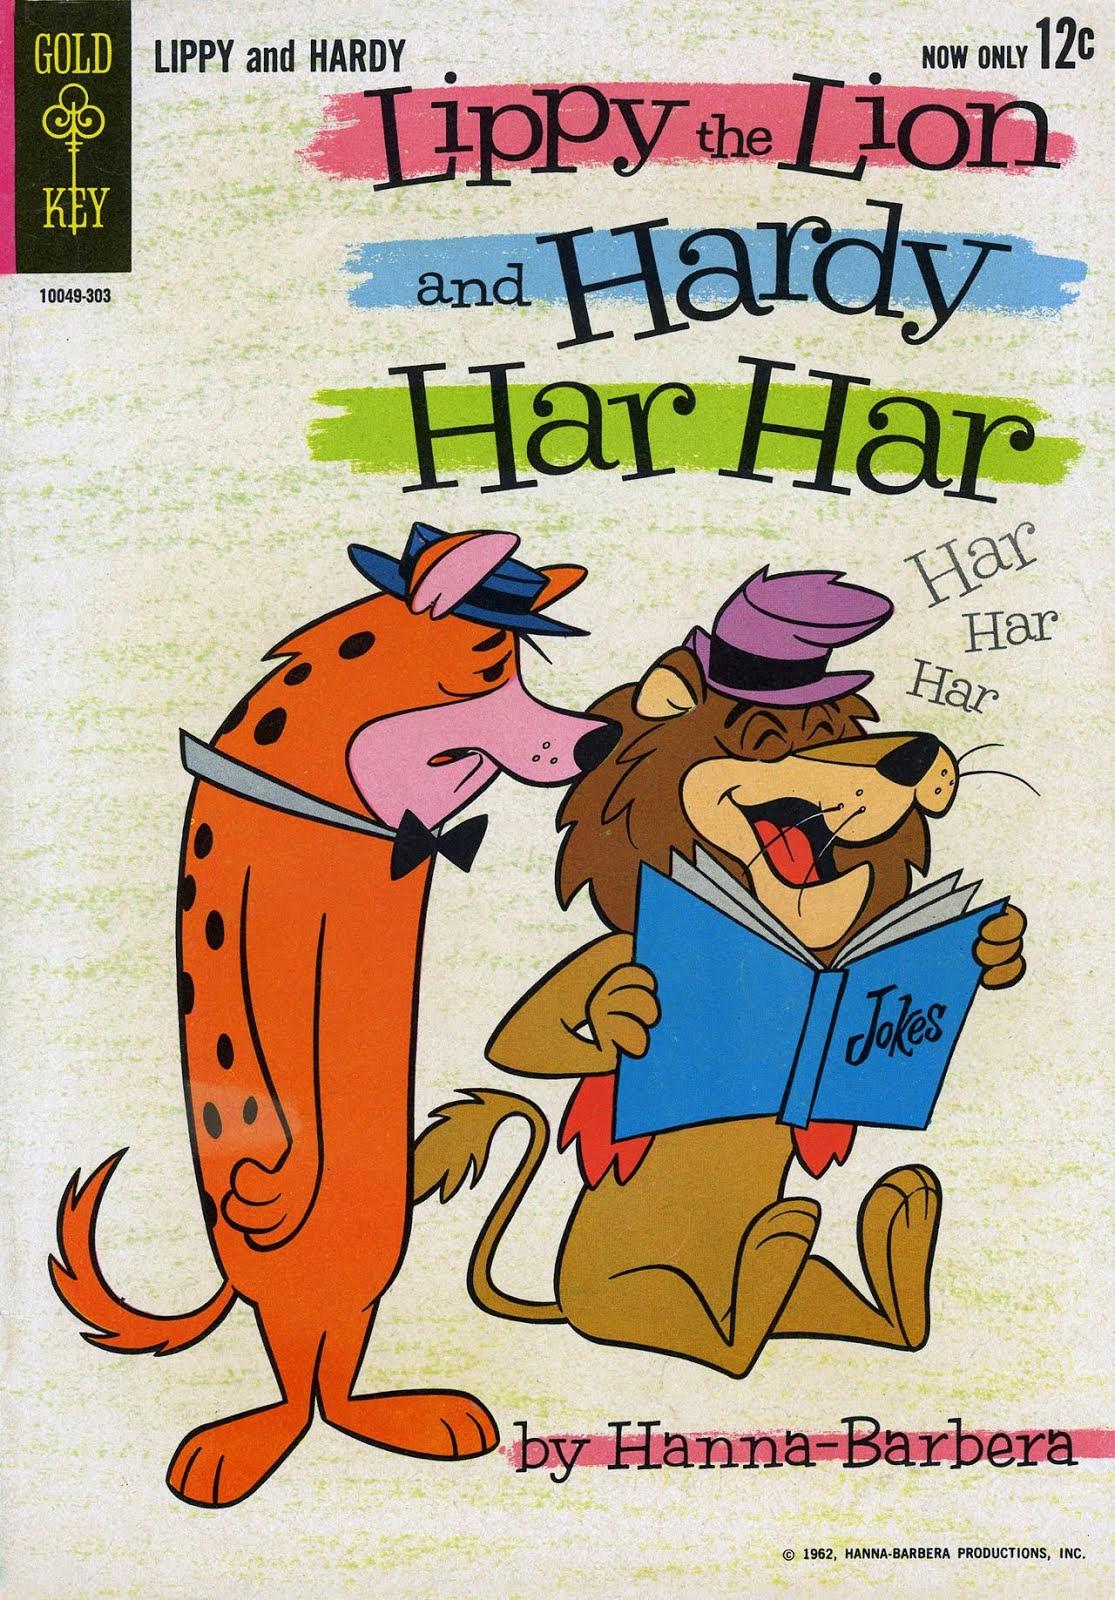 LIPPY E HARDY (LIPPY THE LION AND HARDY HAR HAR)